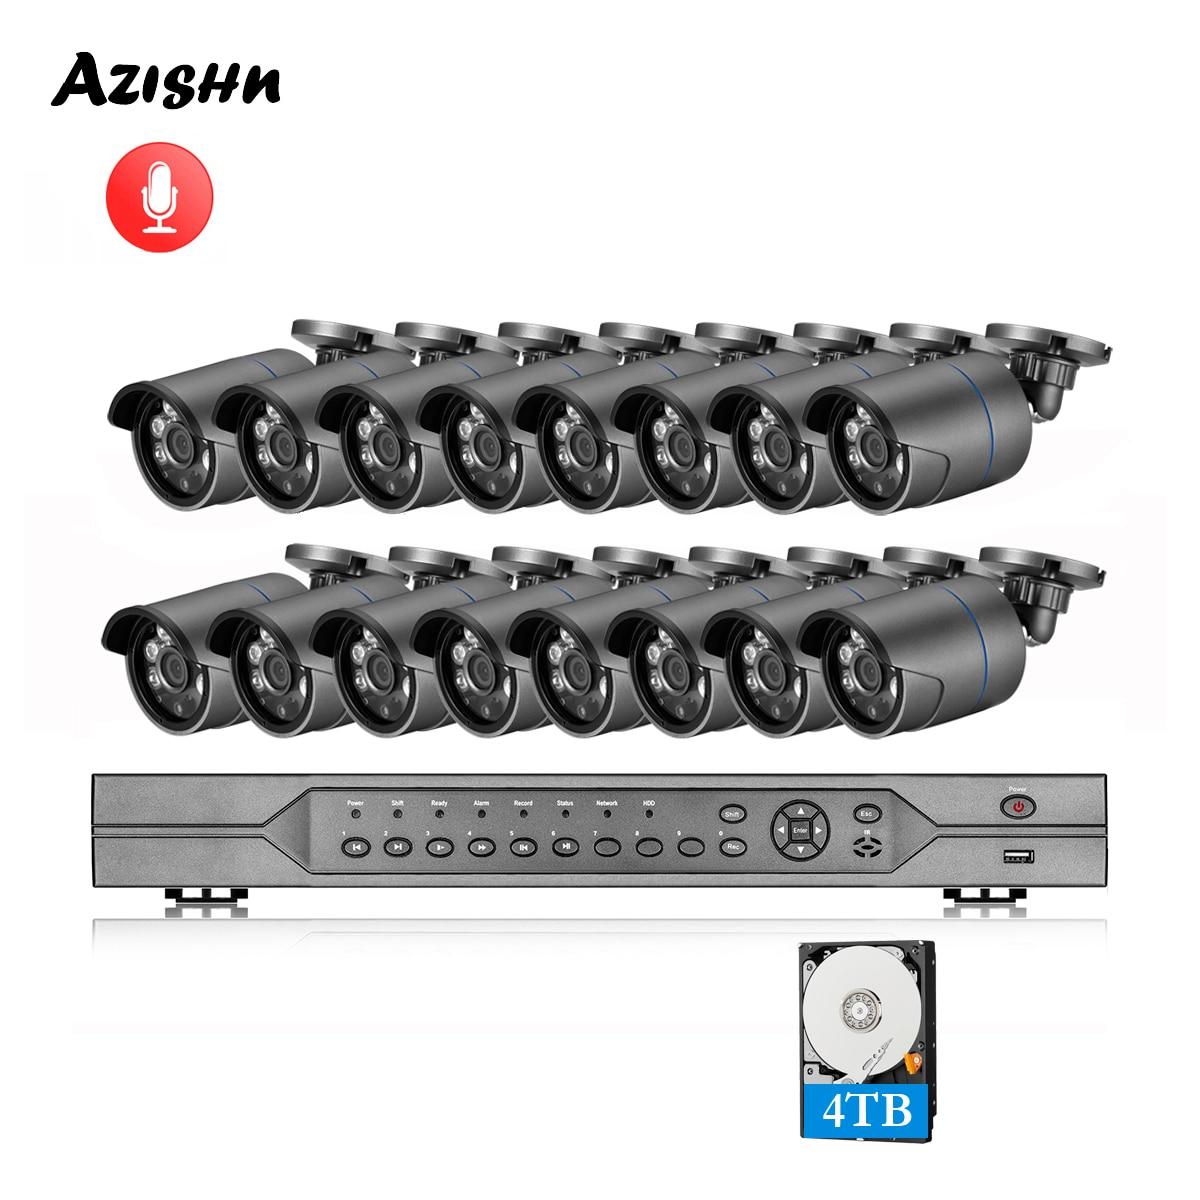 AZISHN H.265 16CH POE NVR Kit 4MP CCTV Sistema di Telecamere di 4MP Esterna Impermeabile Audio Macchina Fotografica del IP di POE di Video Sorveglianza di Sicurezza set